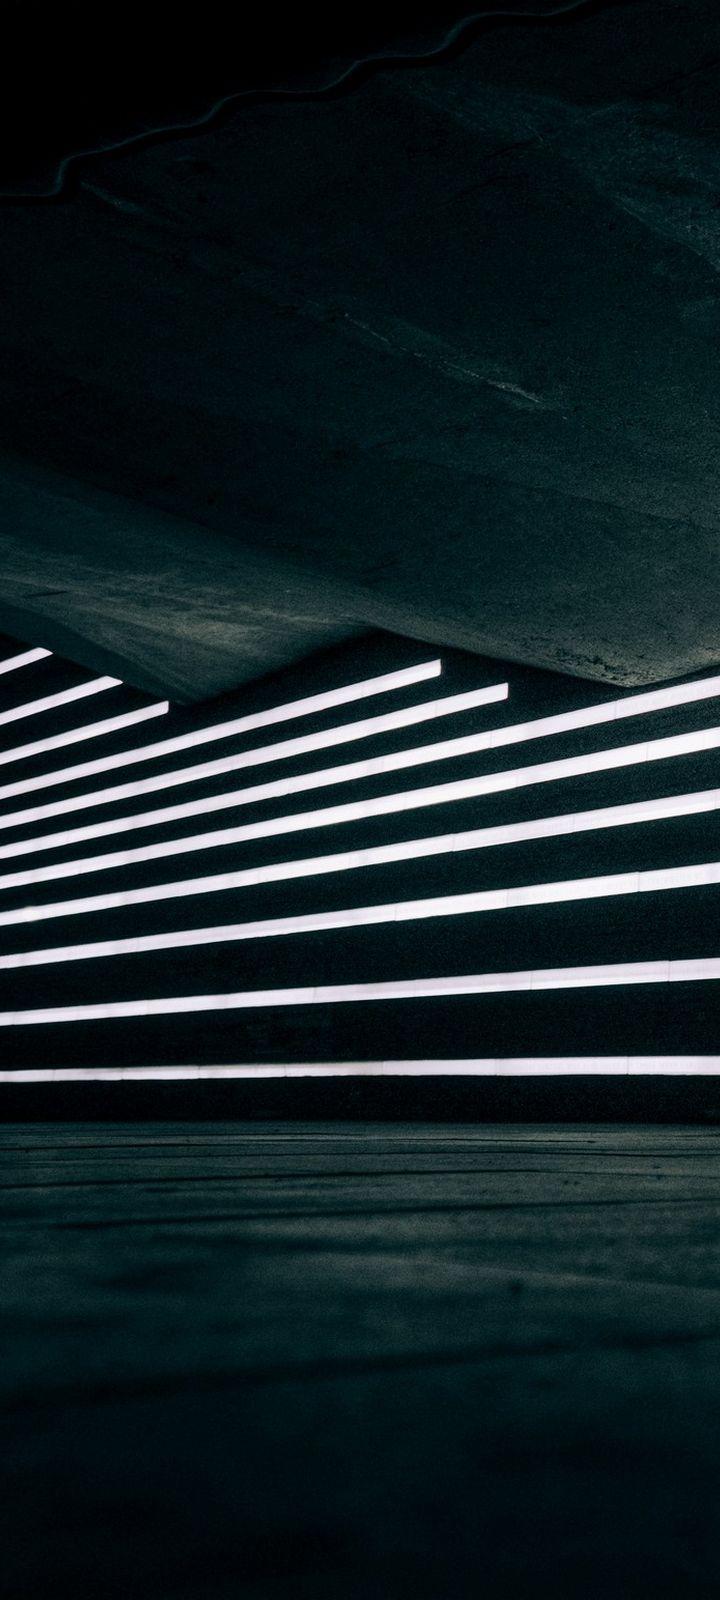 Lines Neon Light Wallpaper 720x1600